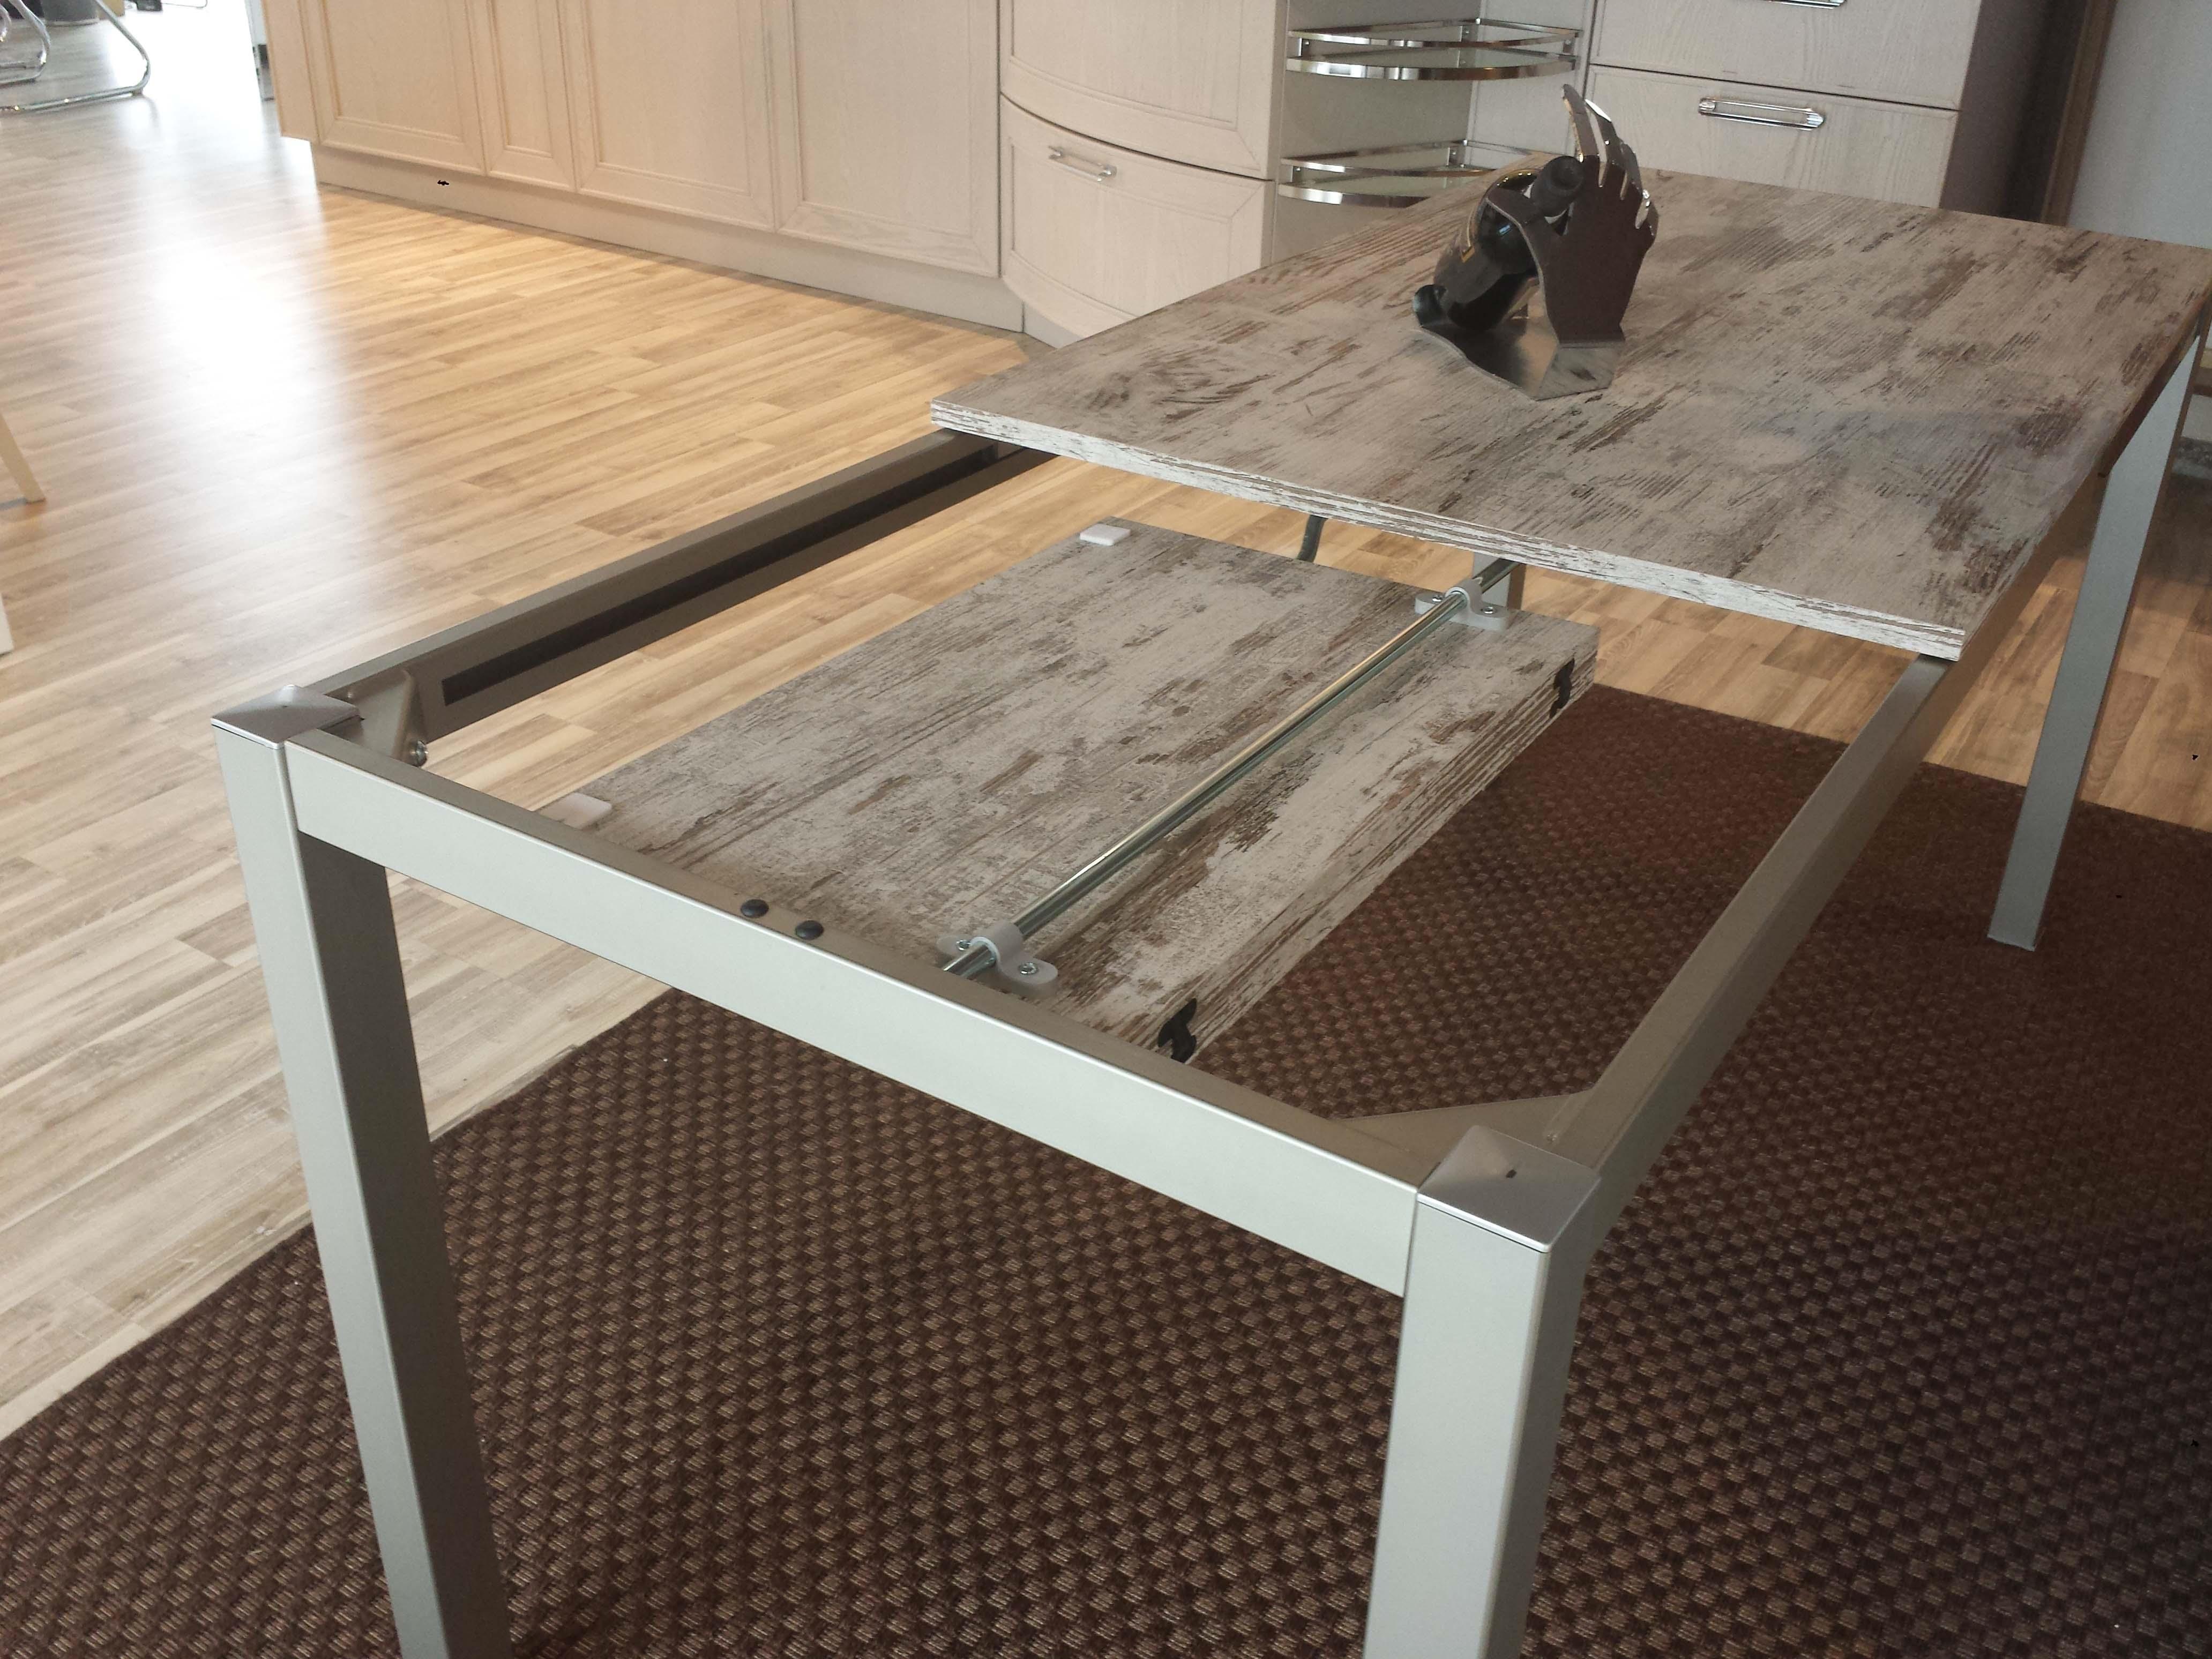 Tavolo kitchen rettangolare allungabile laminato tavoli for Tavoli estensibili in legno